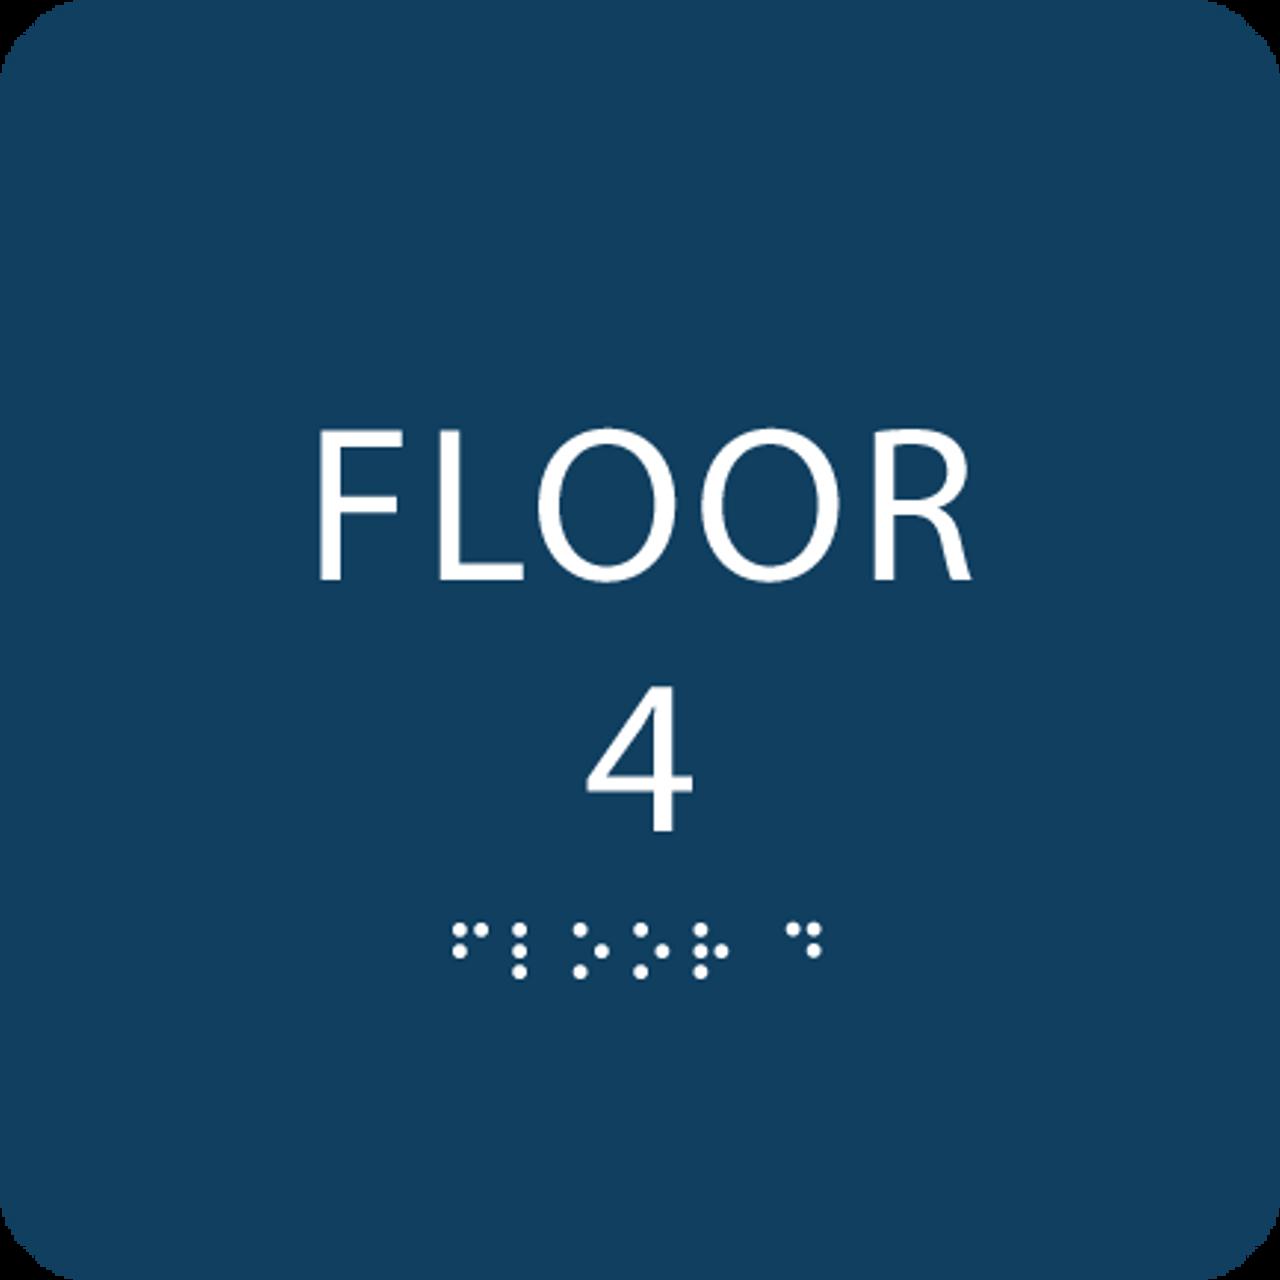 Dark Blue Floor 4 Identification Sign